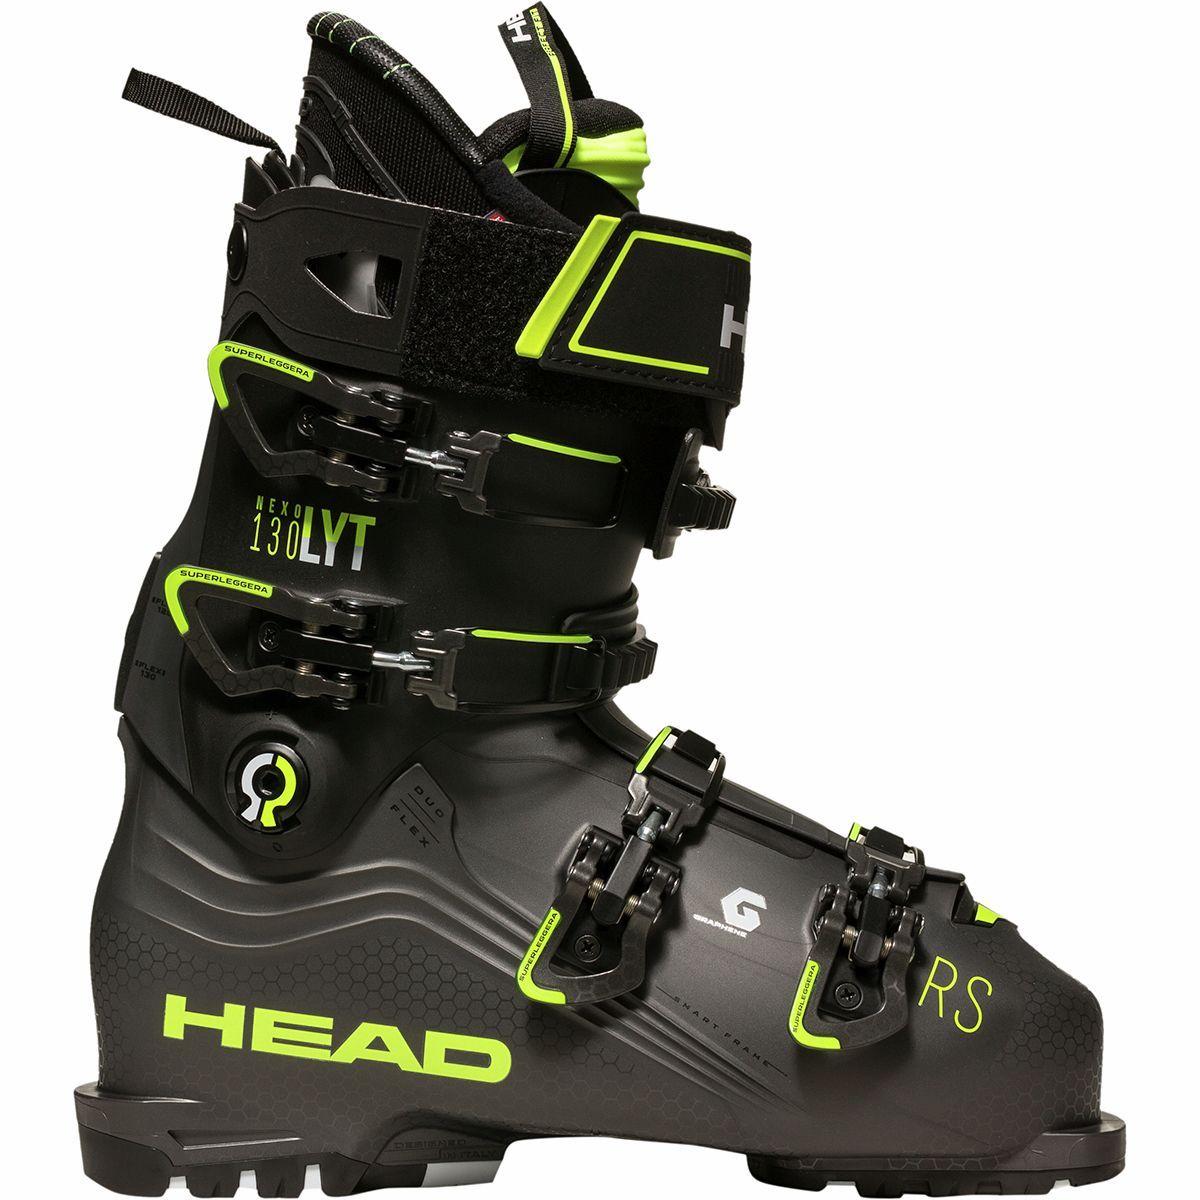 Nexo Lyt 130 Rs Ski Boot In 2021 Ski Usa Ski Boots Head Skis